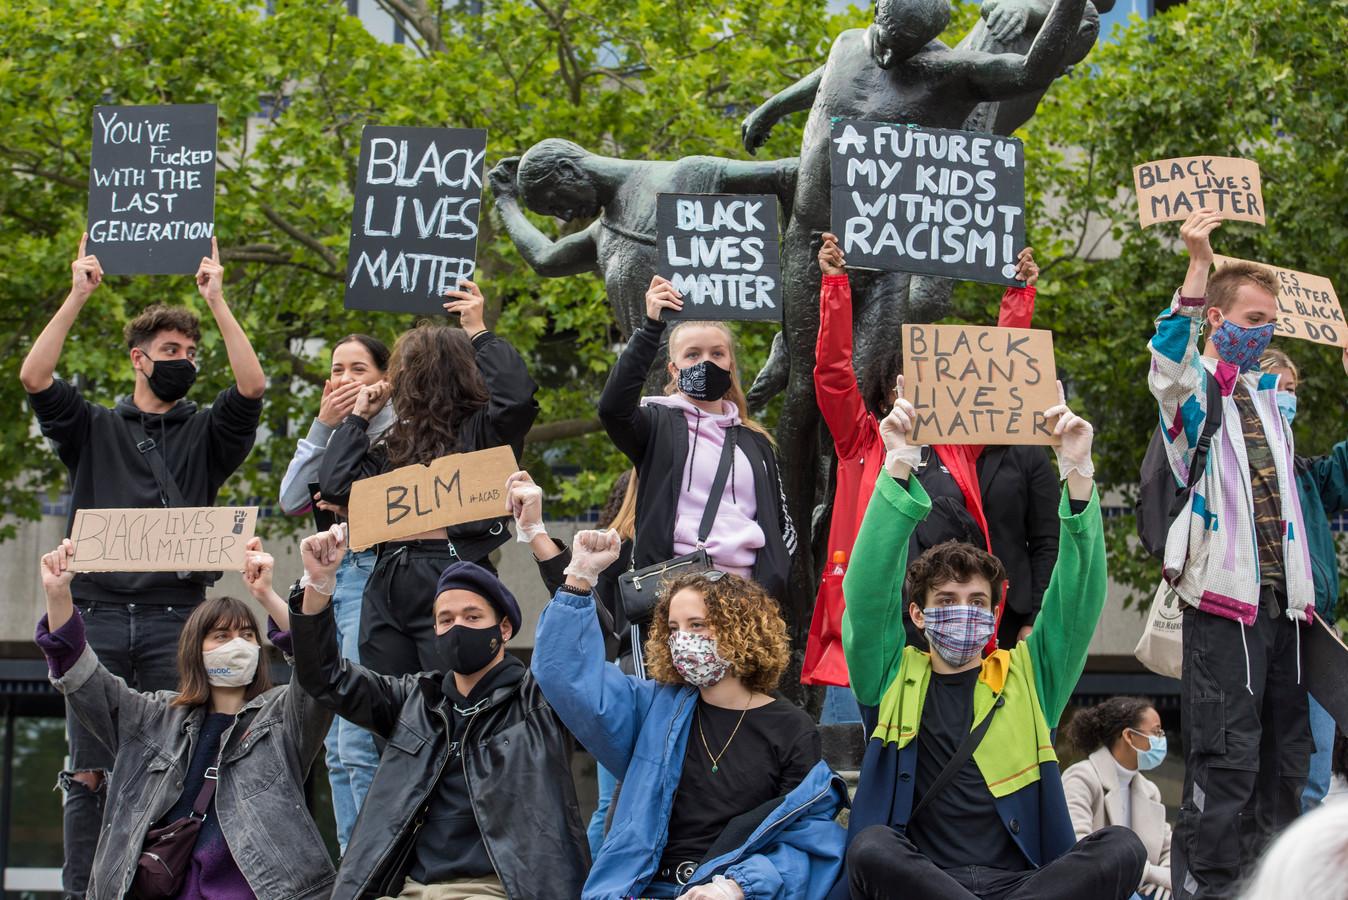 Veel jongeren deden mee aan de demonstratie Black Lives Matter op het Stadhuisplein in Eindhoven. Via de jongerenambassadeurs Jong040 krijgen jongeren dinsdag ook een stem binnen in het stadhuis, als het gaat om diversiteit.